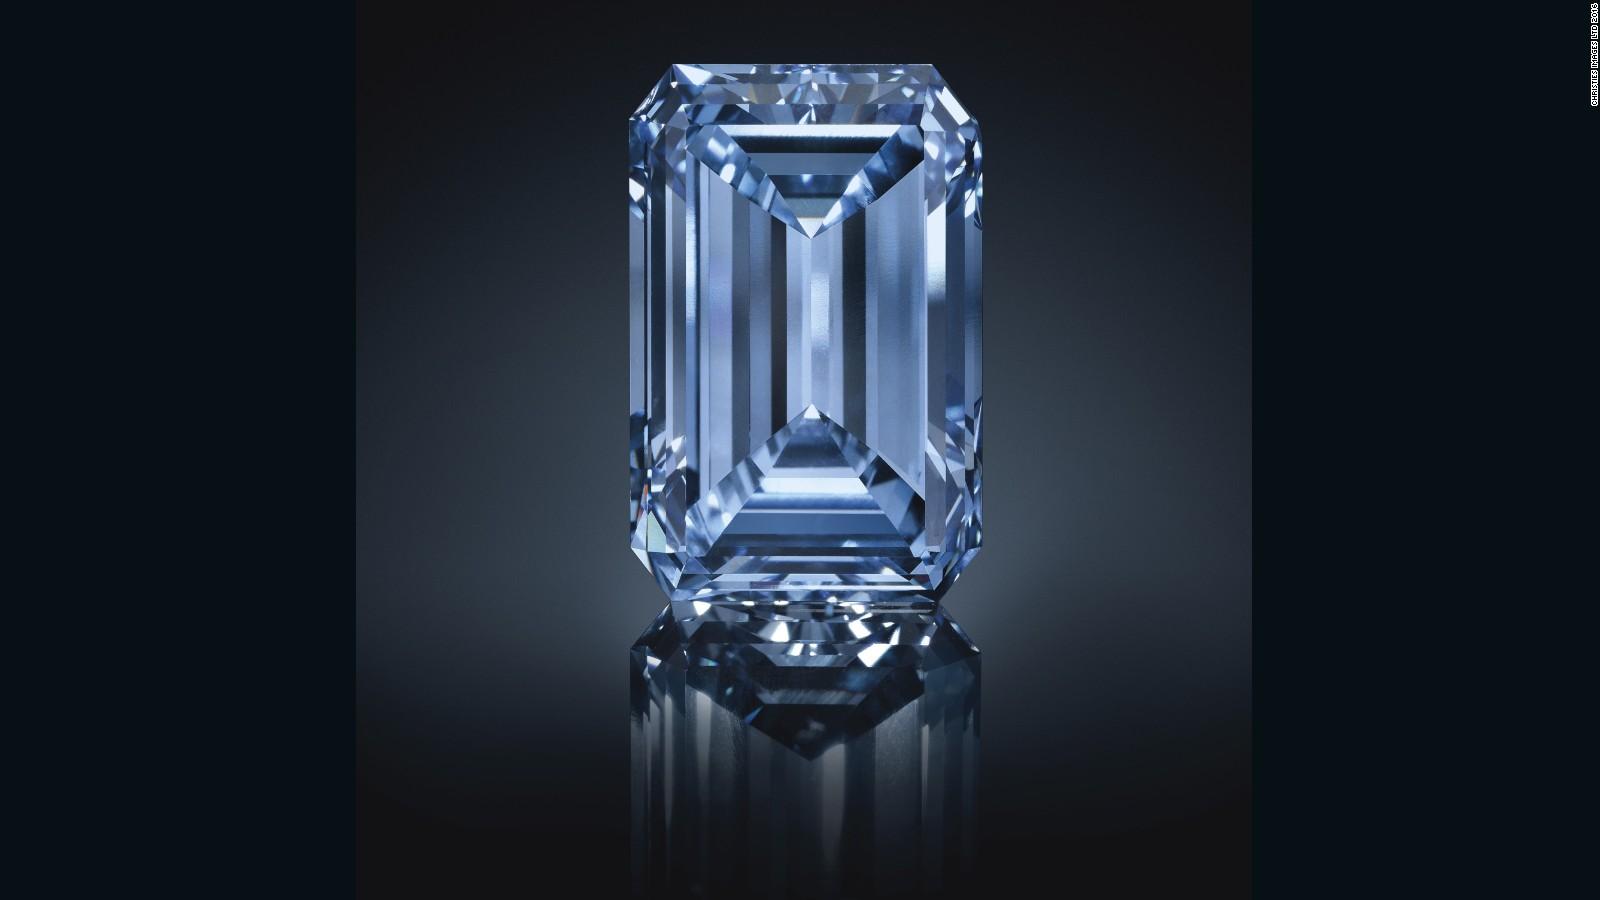 El diamante azul más grande del mundo y una de las piedras más raras del mundo, conocida como 'Oppenheimer Blue', fue vendida por 57.5 millones de dólares el pasado 18 de mayo de 2016 en una subasta de Christie's en Ginebra. Este es el diamante más caro alguna vez subastado en la historia.